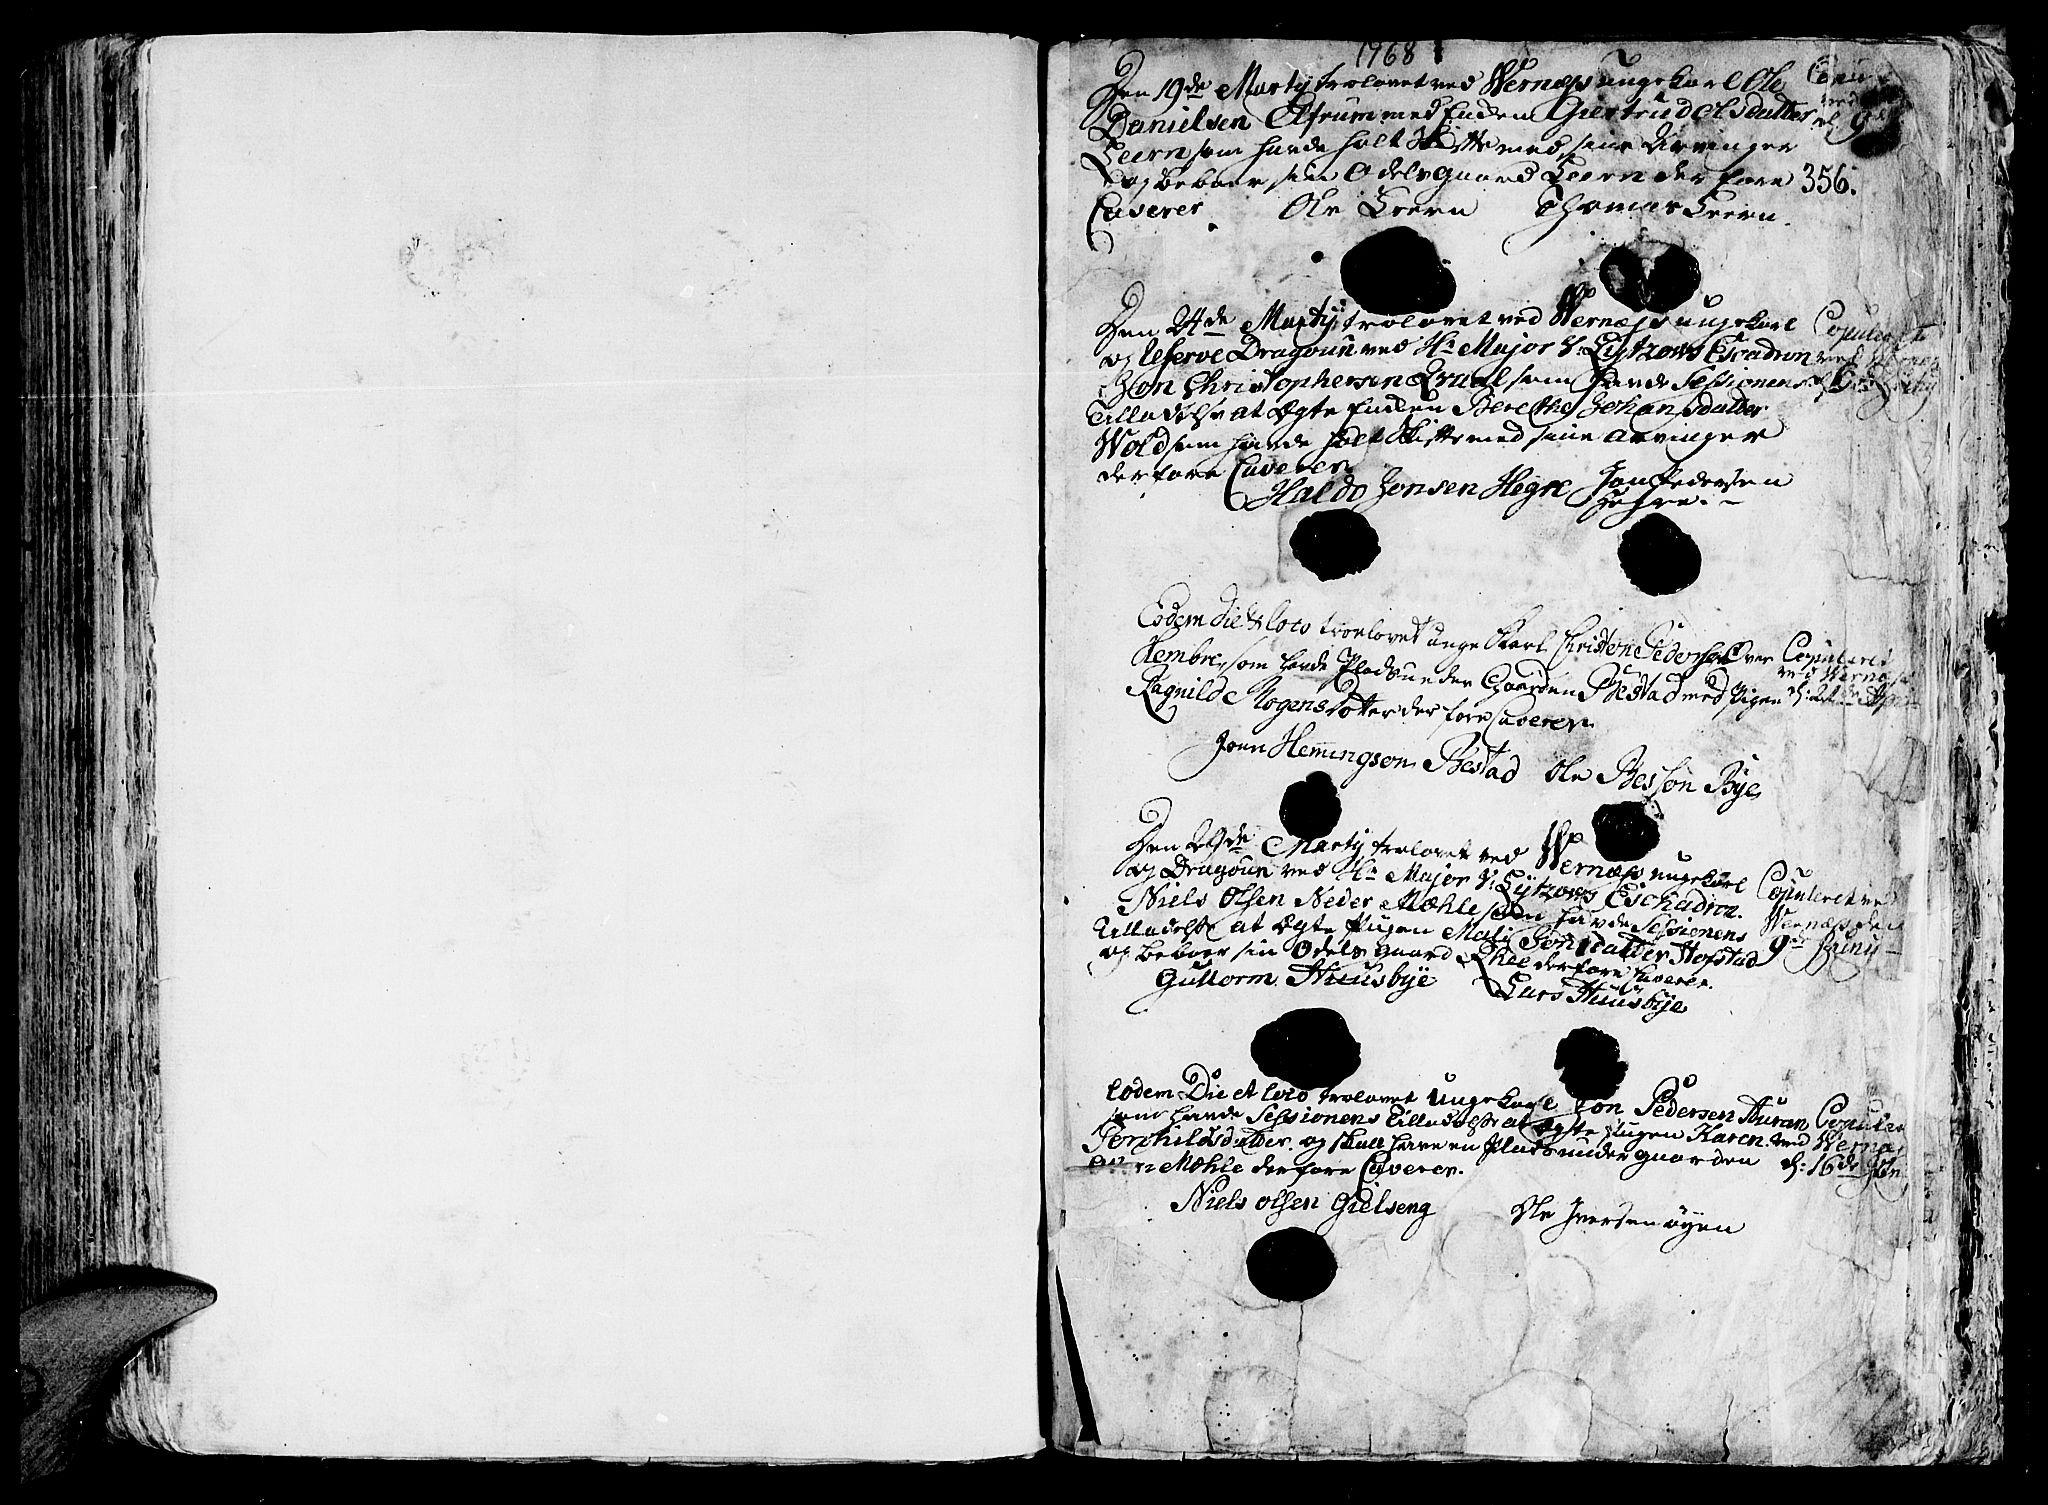 SAT, Ministerialprotokoller, klokkerbøker og fødselsregistre - Nord-Trøndelag, 709/L0057: Ministerialbok nr. 709A05, 1755-1780, s. 356